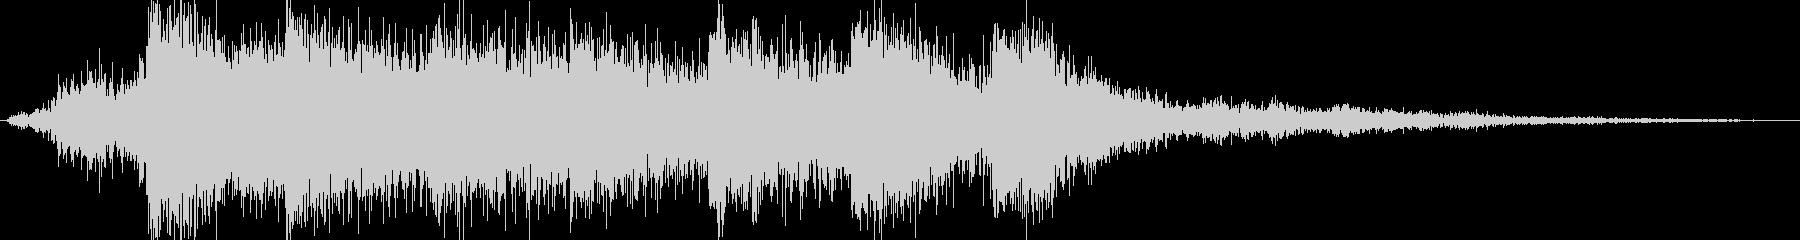 1.2秒サウンドロゴの未再生の波形